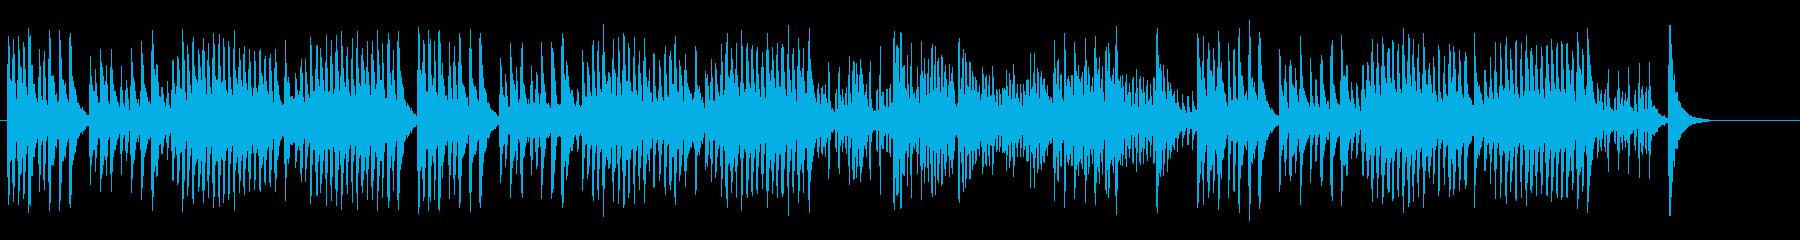 軽やかで可憐な舞踏会風弦楽五重奏BGMの再生済みの波形